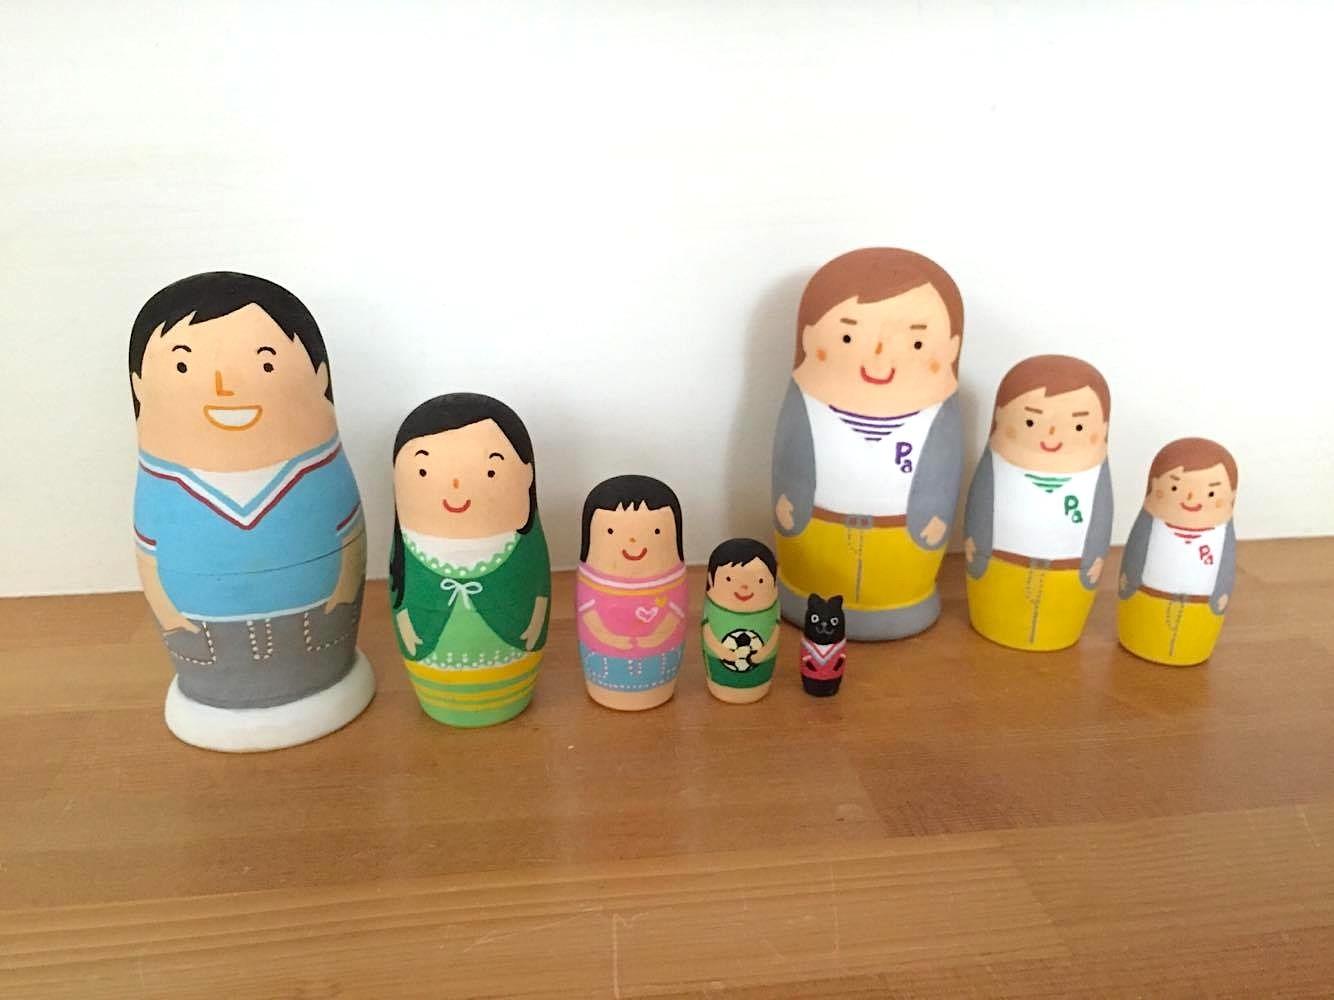 【5/13】curious craft café「ファミリョーシカ/ウェディングリョーシカ」_a0121669_00192828.jpg